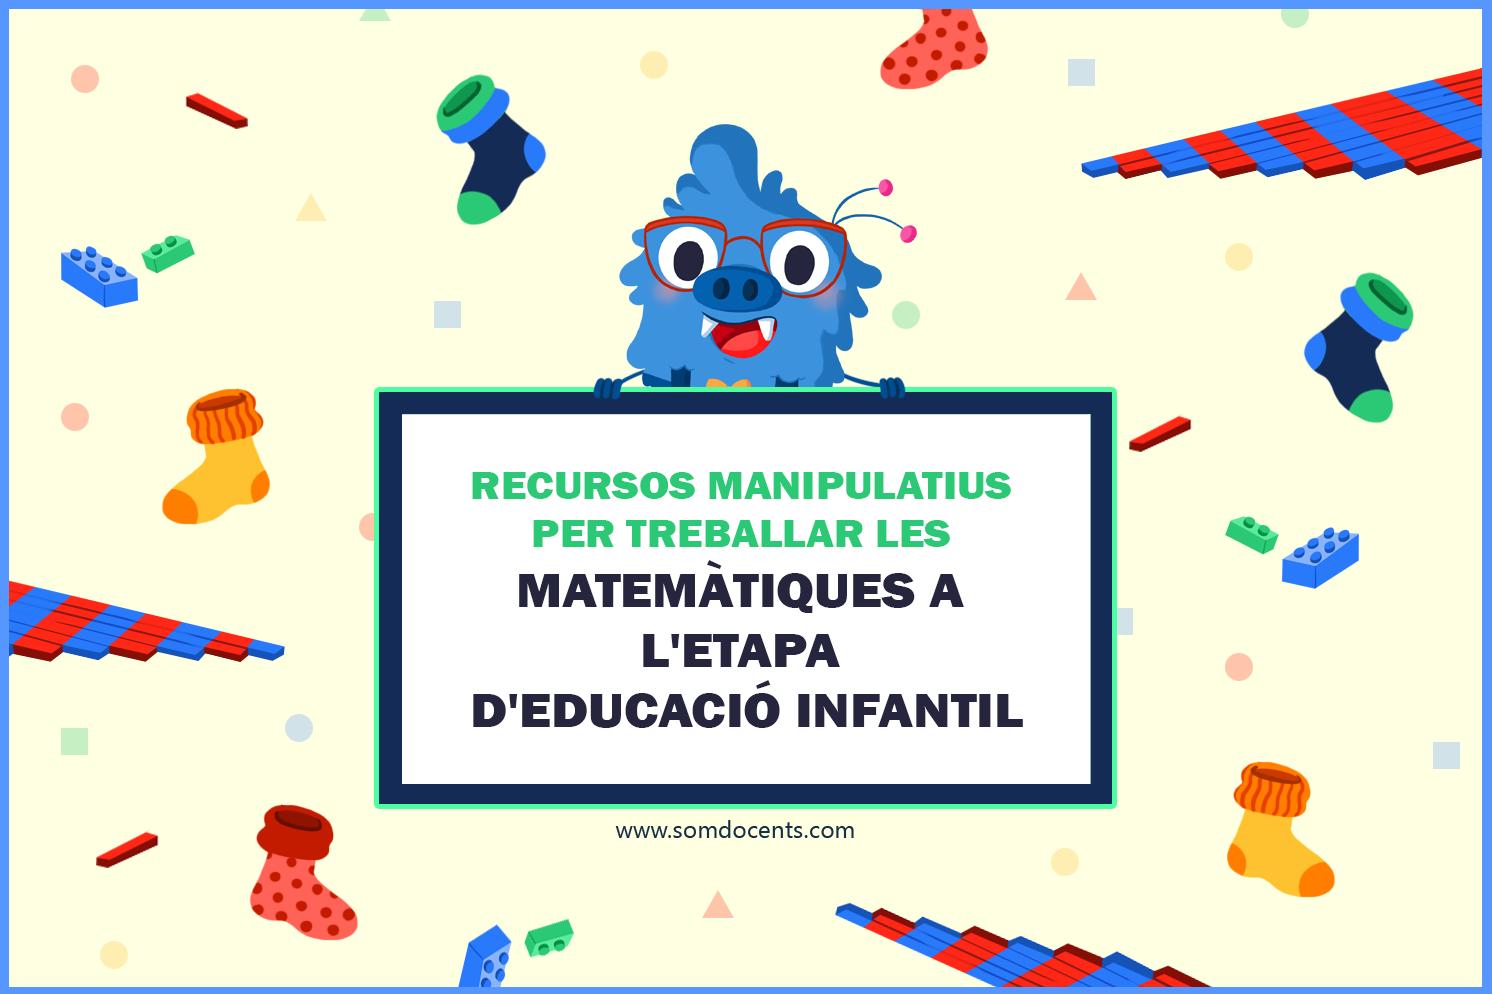 SD_Recursos_manipulatius_per_treballar_les_matemàtiques_en_l'etapa_d'Educació_Infantil